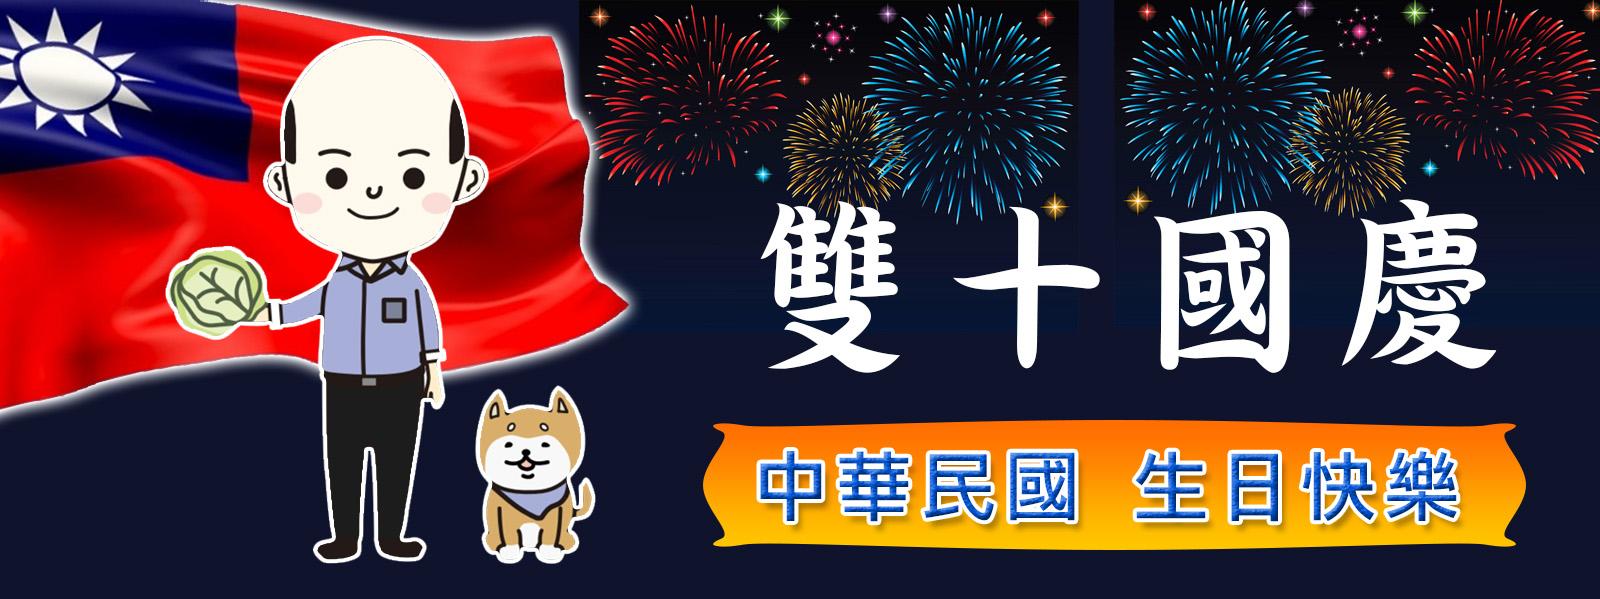 慶祝雙十國慶